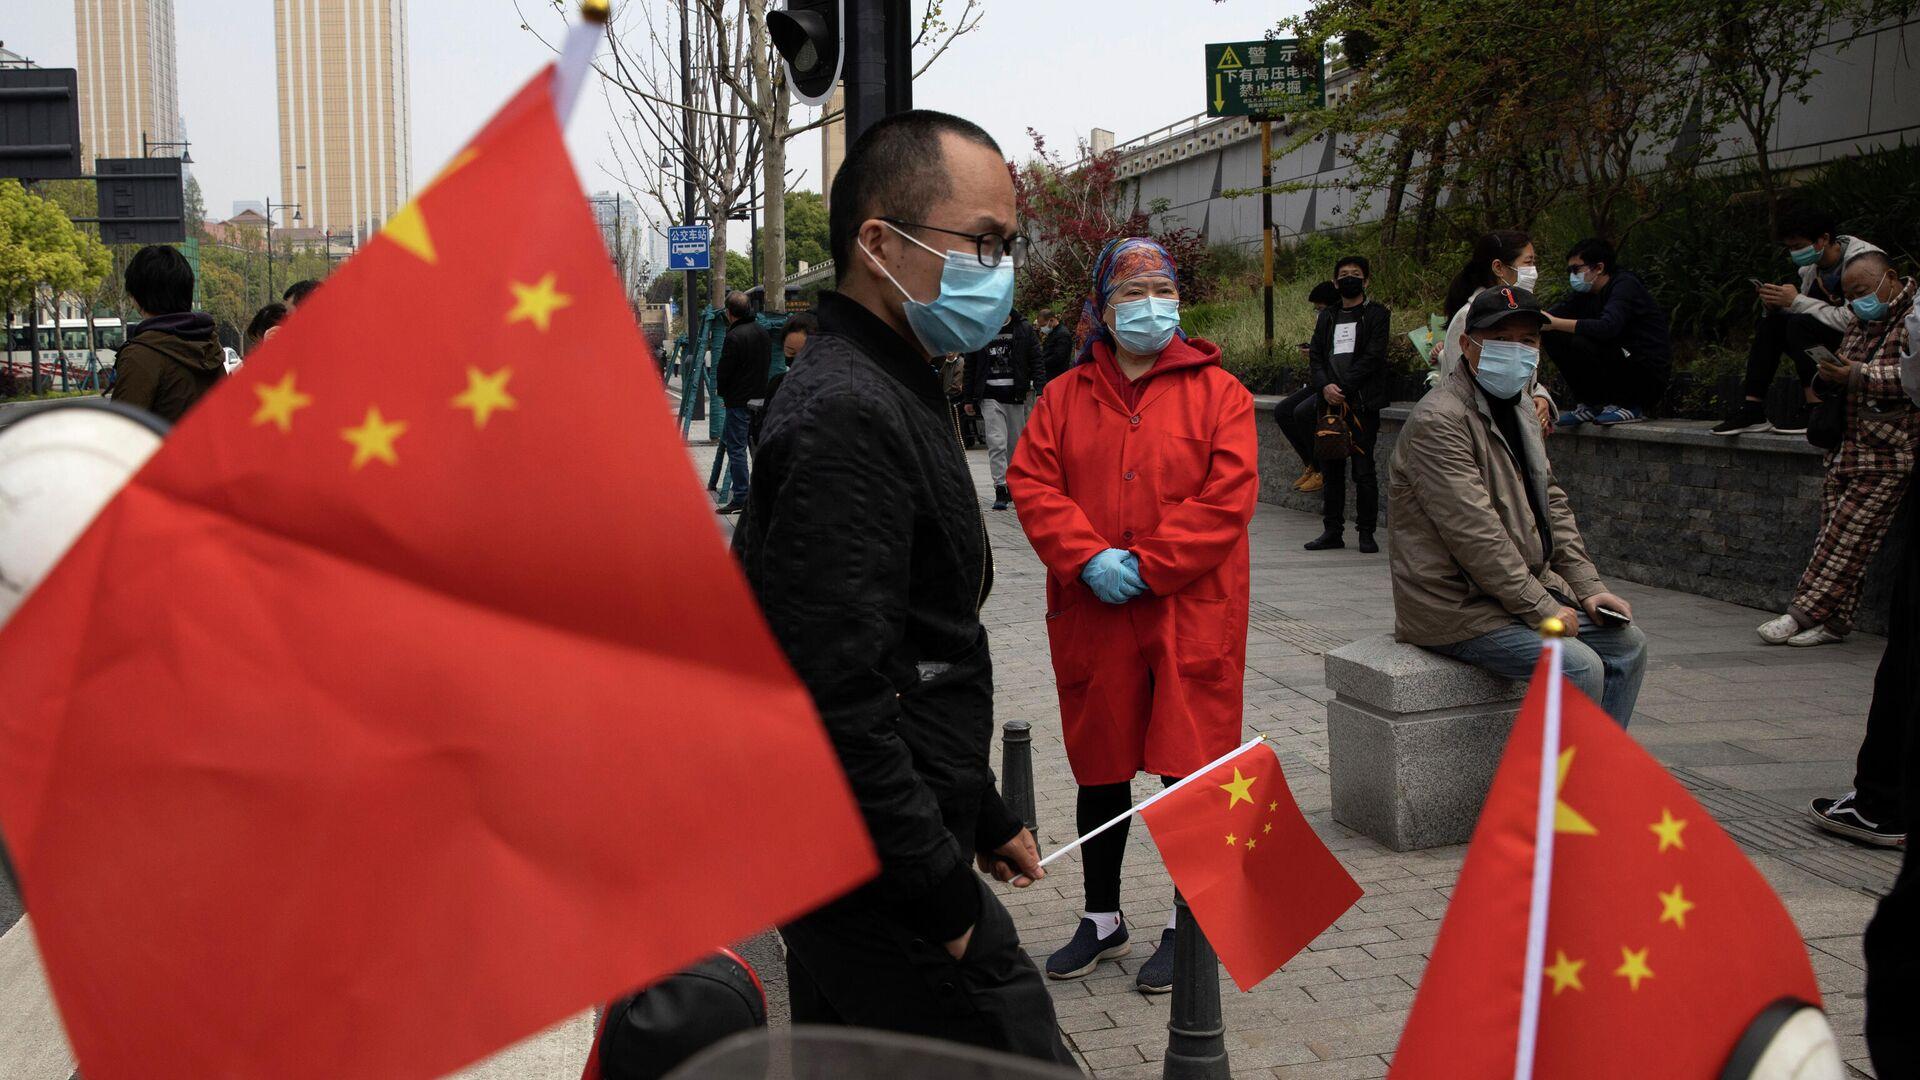 Люди с флагами Китая в провинции Хубэй - РИА Новости, 1920, 14.06.2021